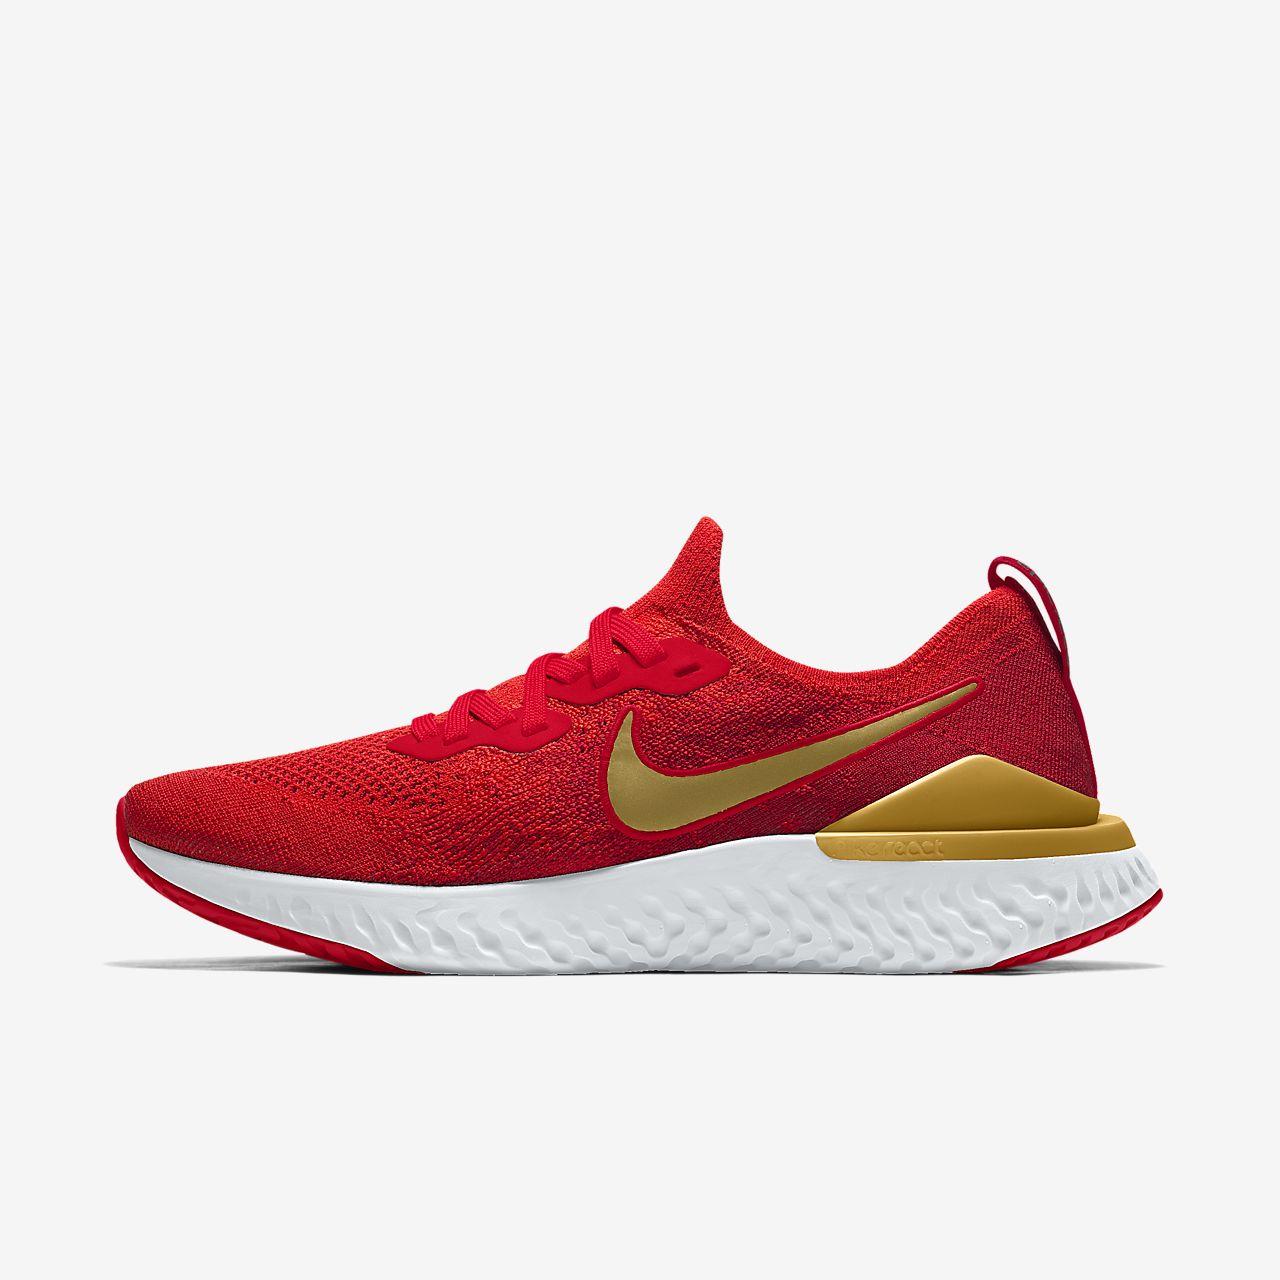 Εξατομικευμένο γυναικείο παπούτσι για τρέξιμο Nike Epic React Flyknit 2 By You